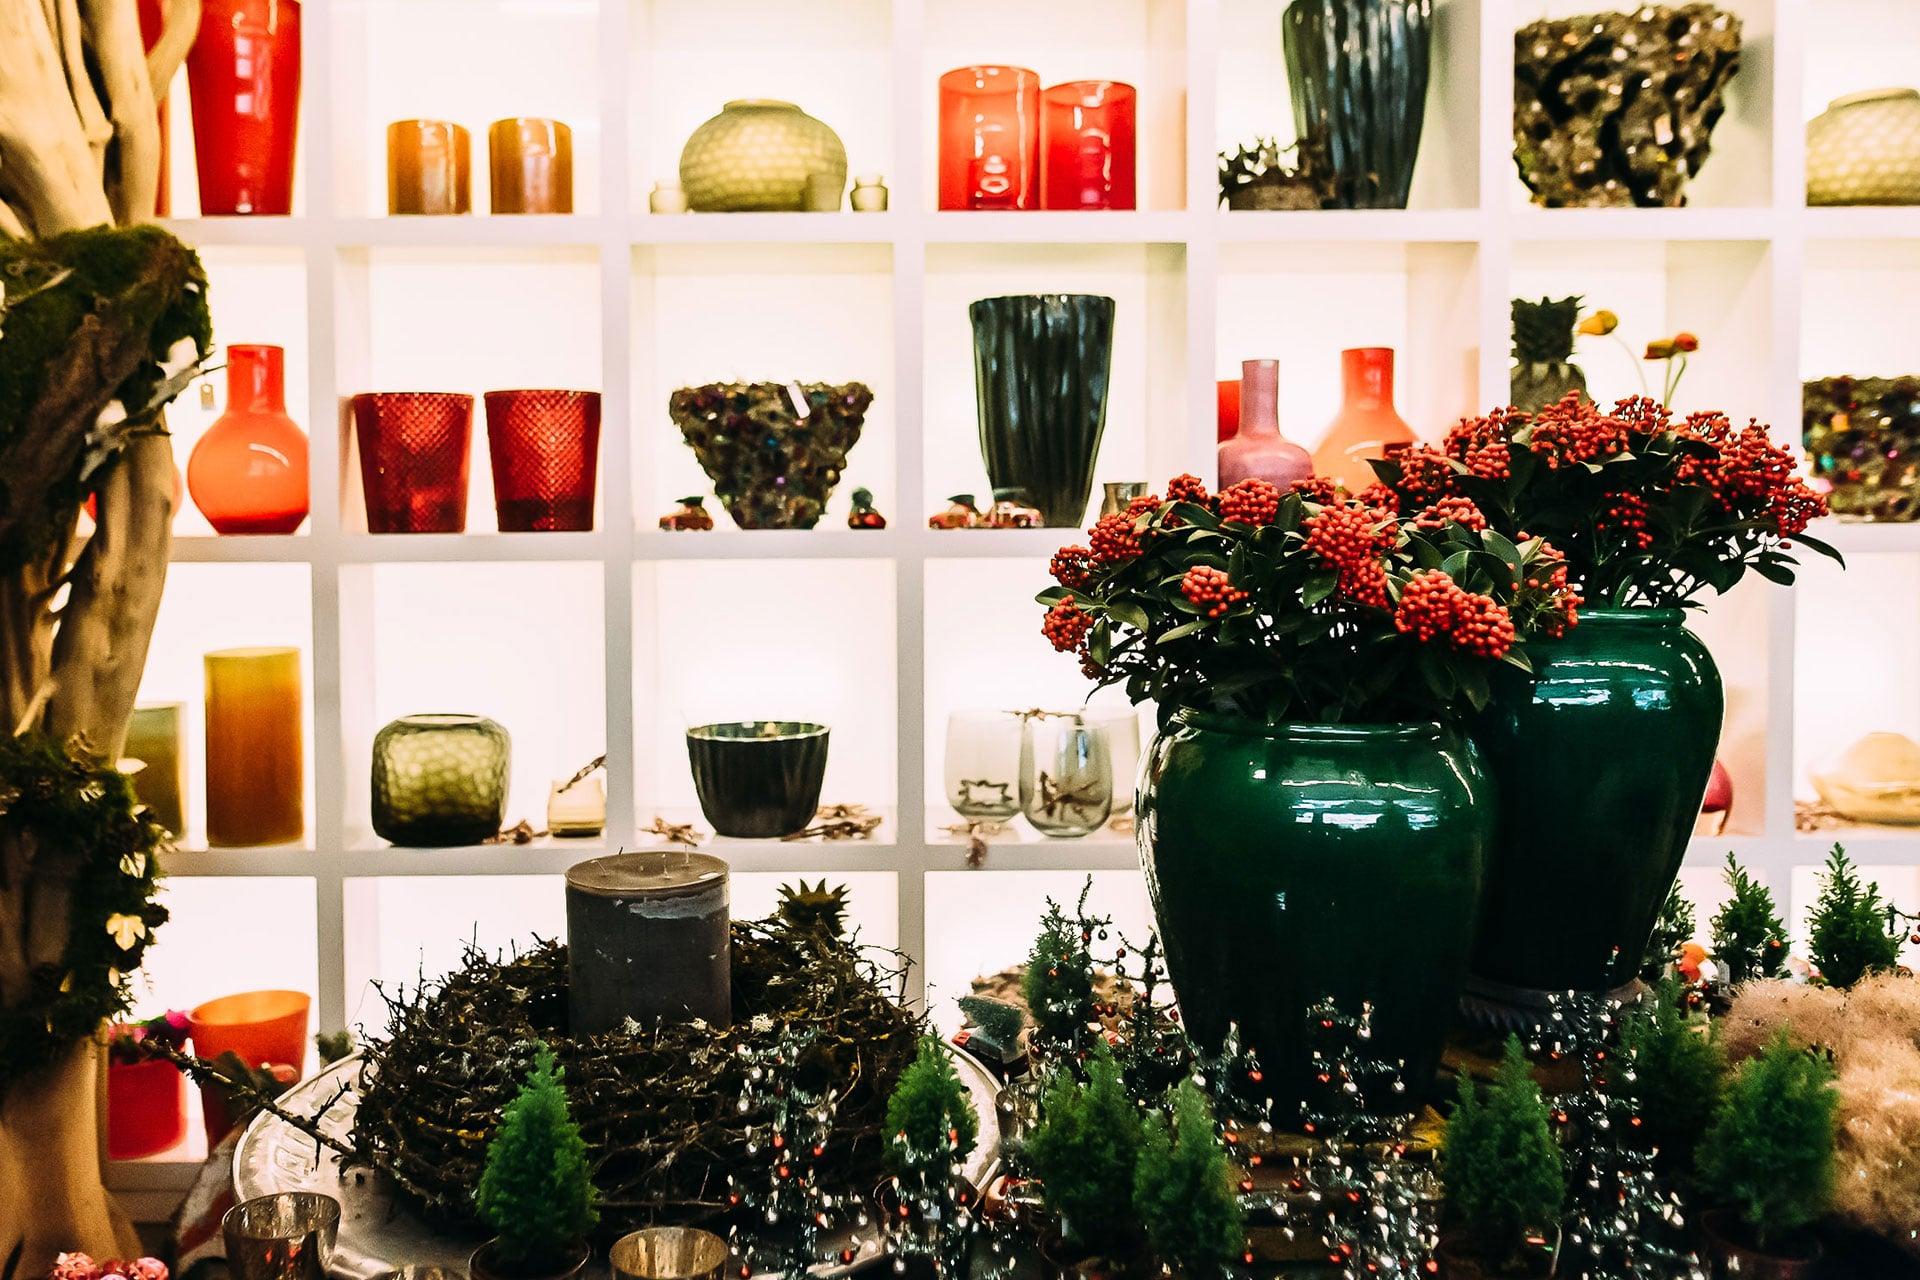 Blumenvasen und Weihnachtskränze